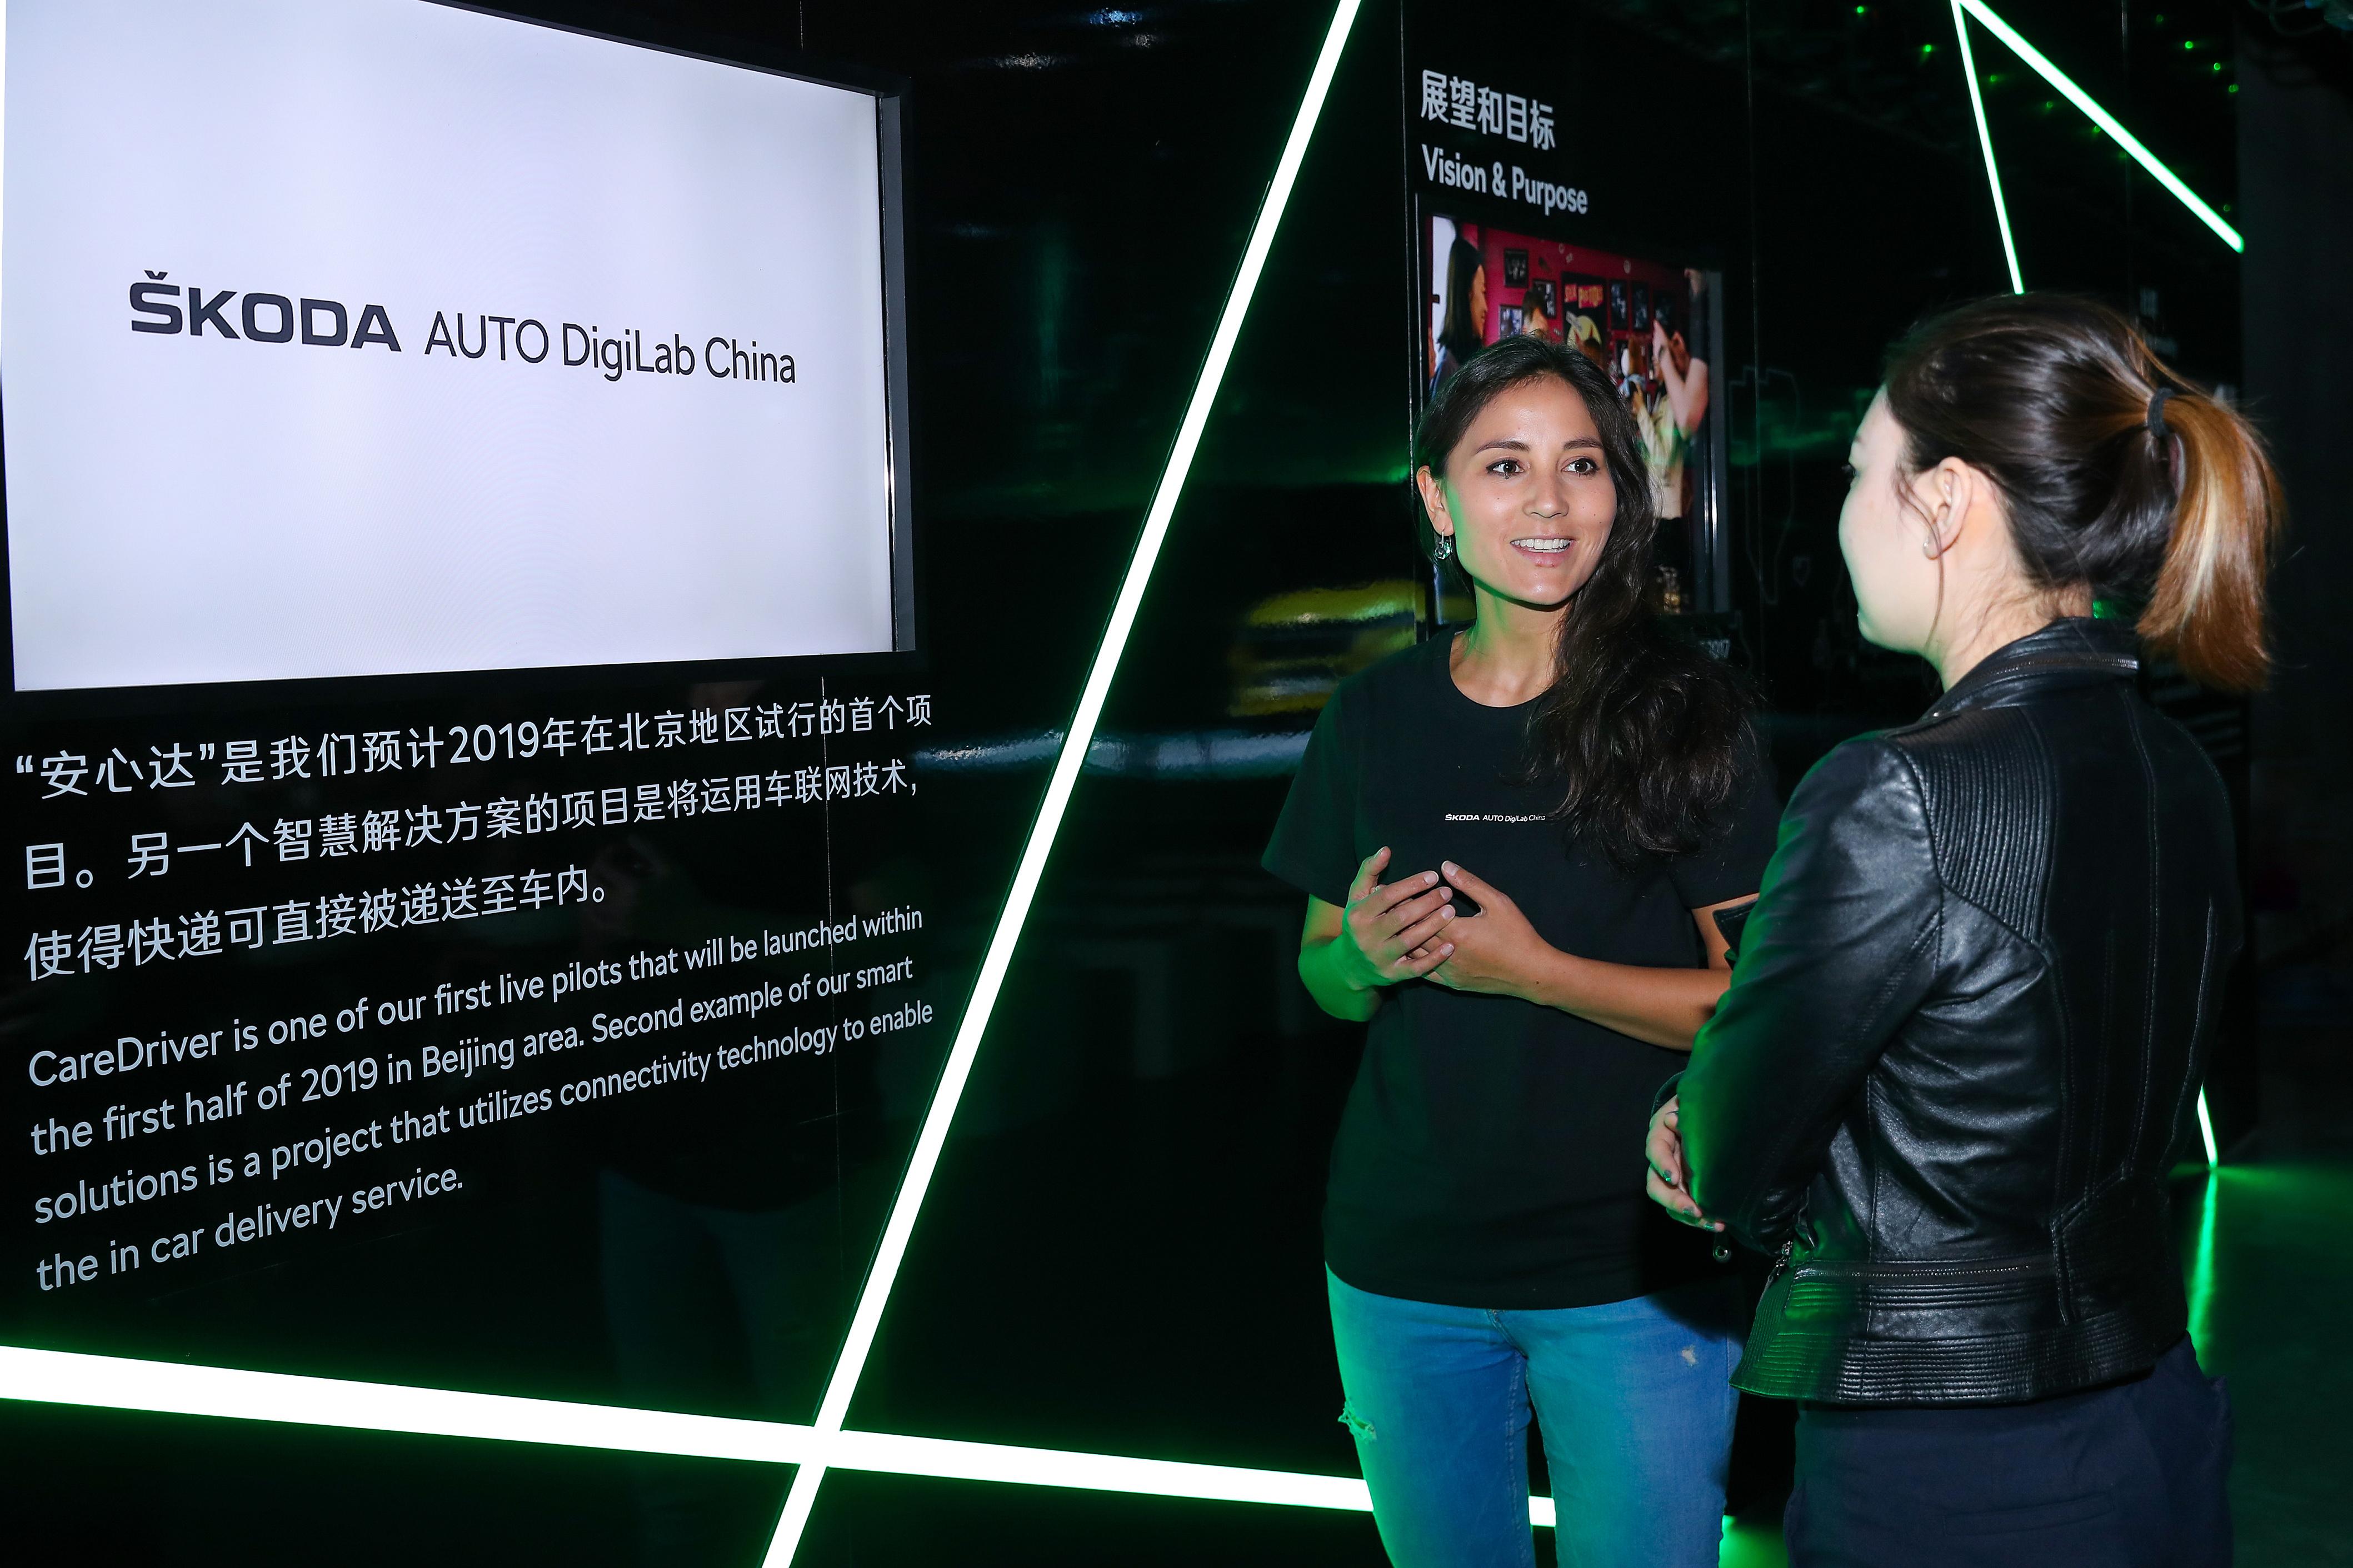 Koda Auto Digilab Now Also In China Koda Storyboard